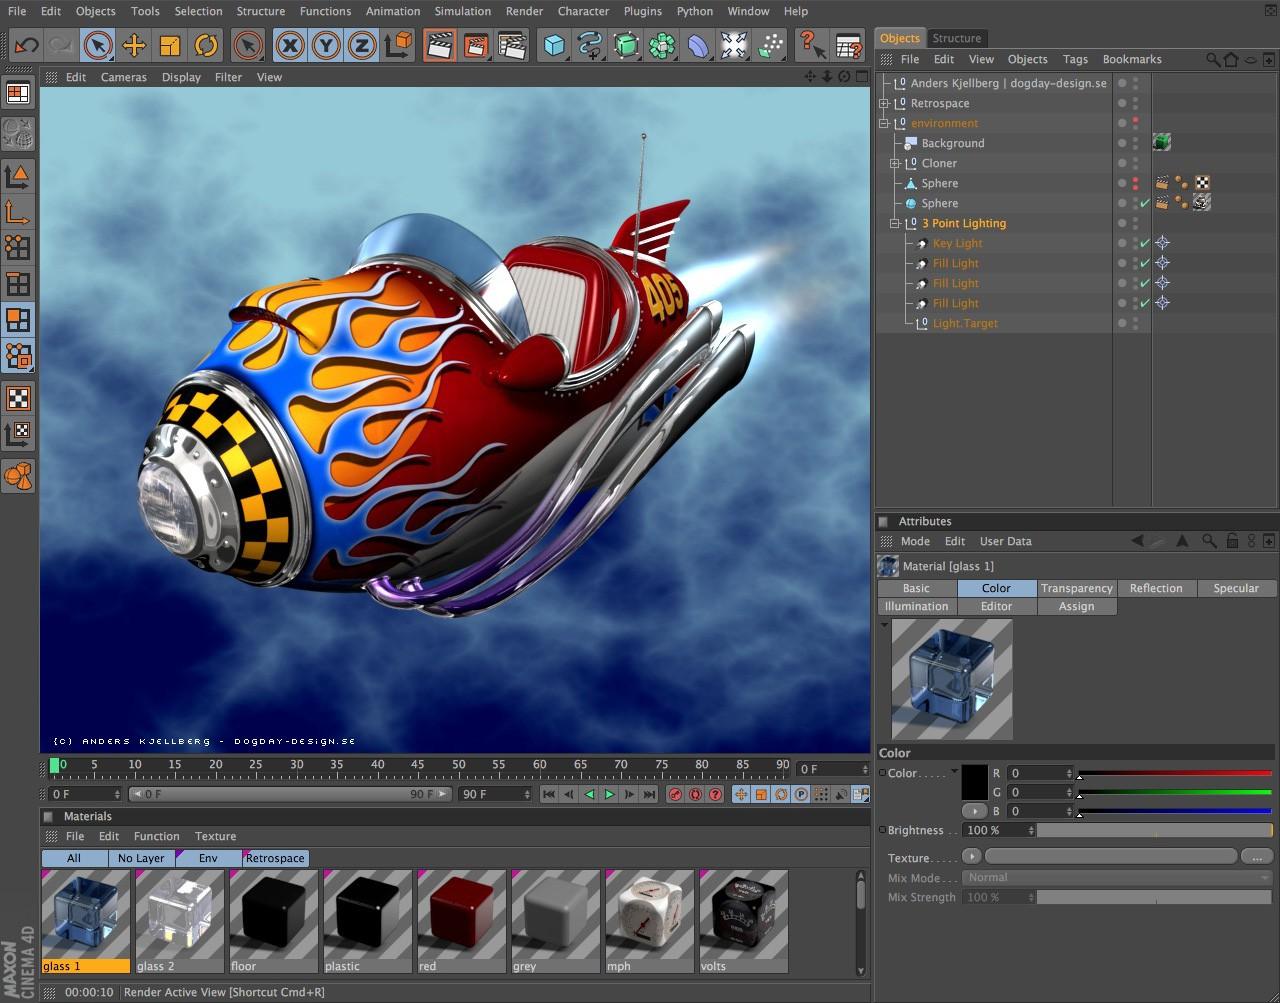 Maxon: Cinema 4D Release 12 rendert besser - Cinema 4D Prime Release 12